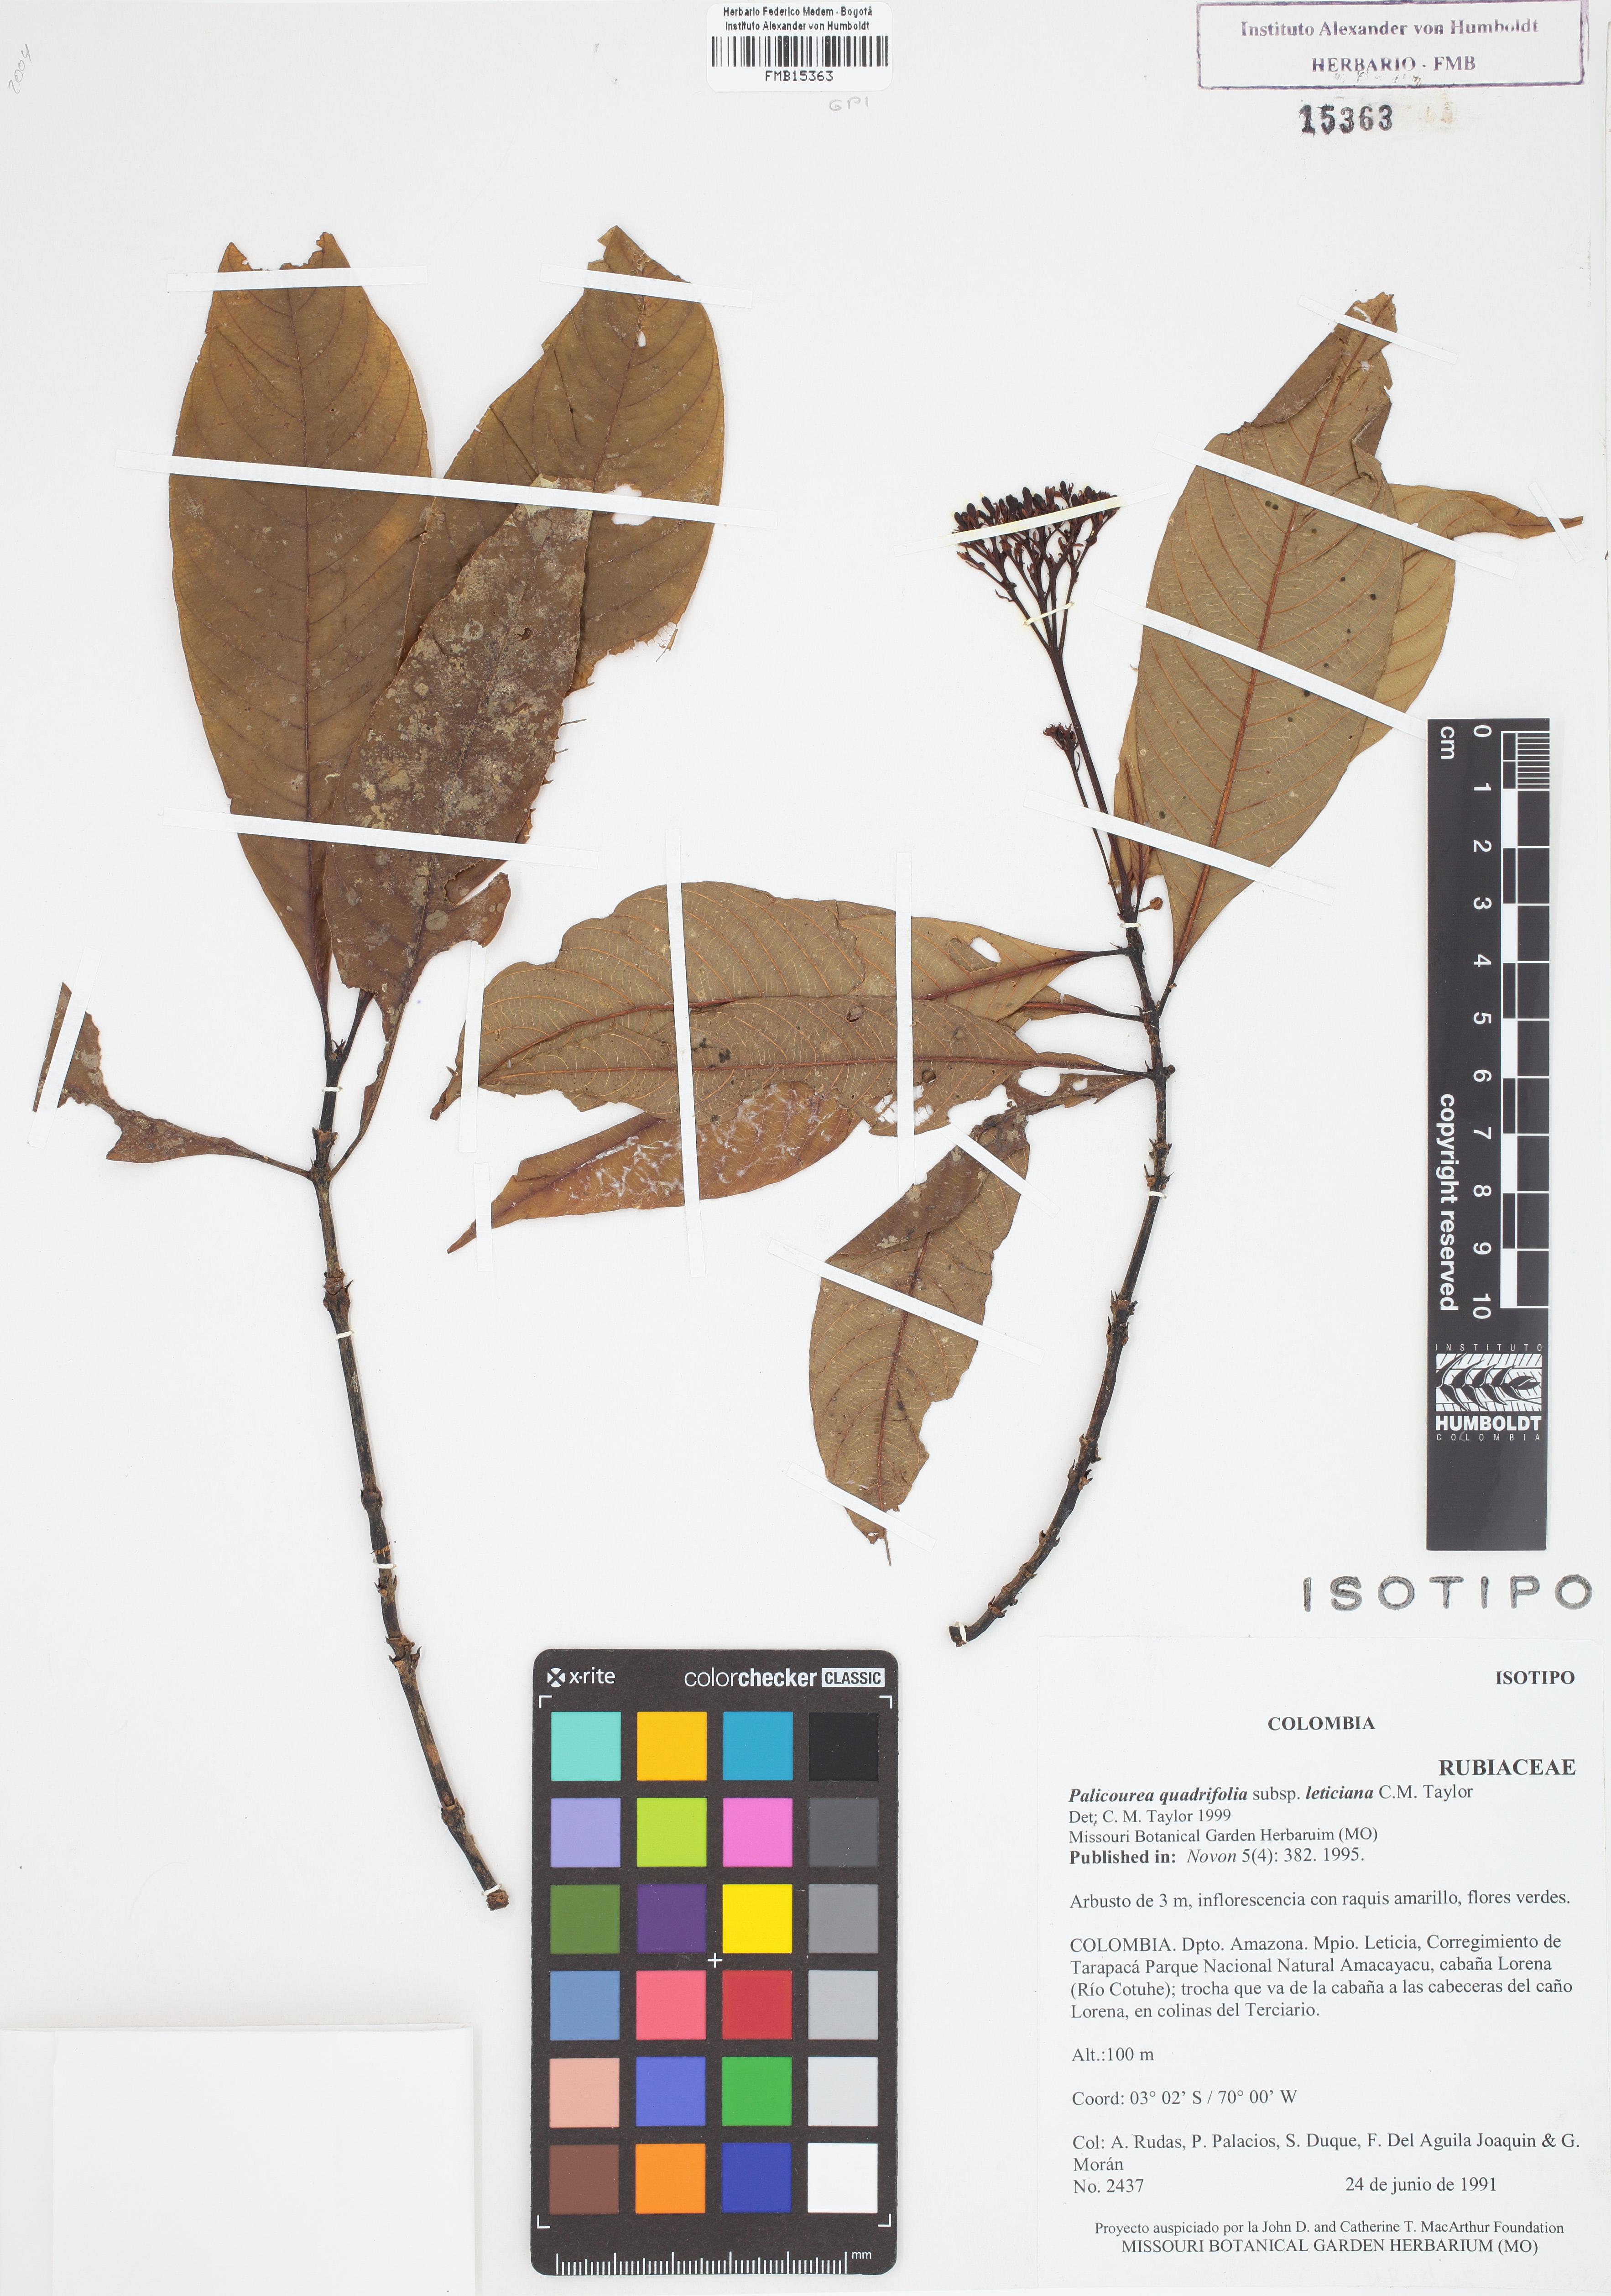 Isotipo de <em>Palicourea quadrifolia</em> subsp. <em>leticiana</em>, FMB-15363, Fotografía por Robles A.